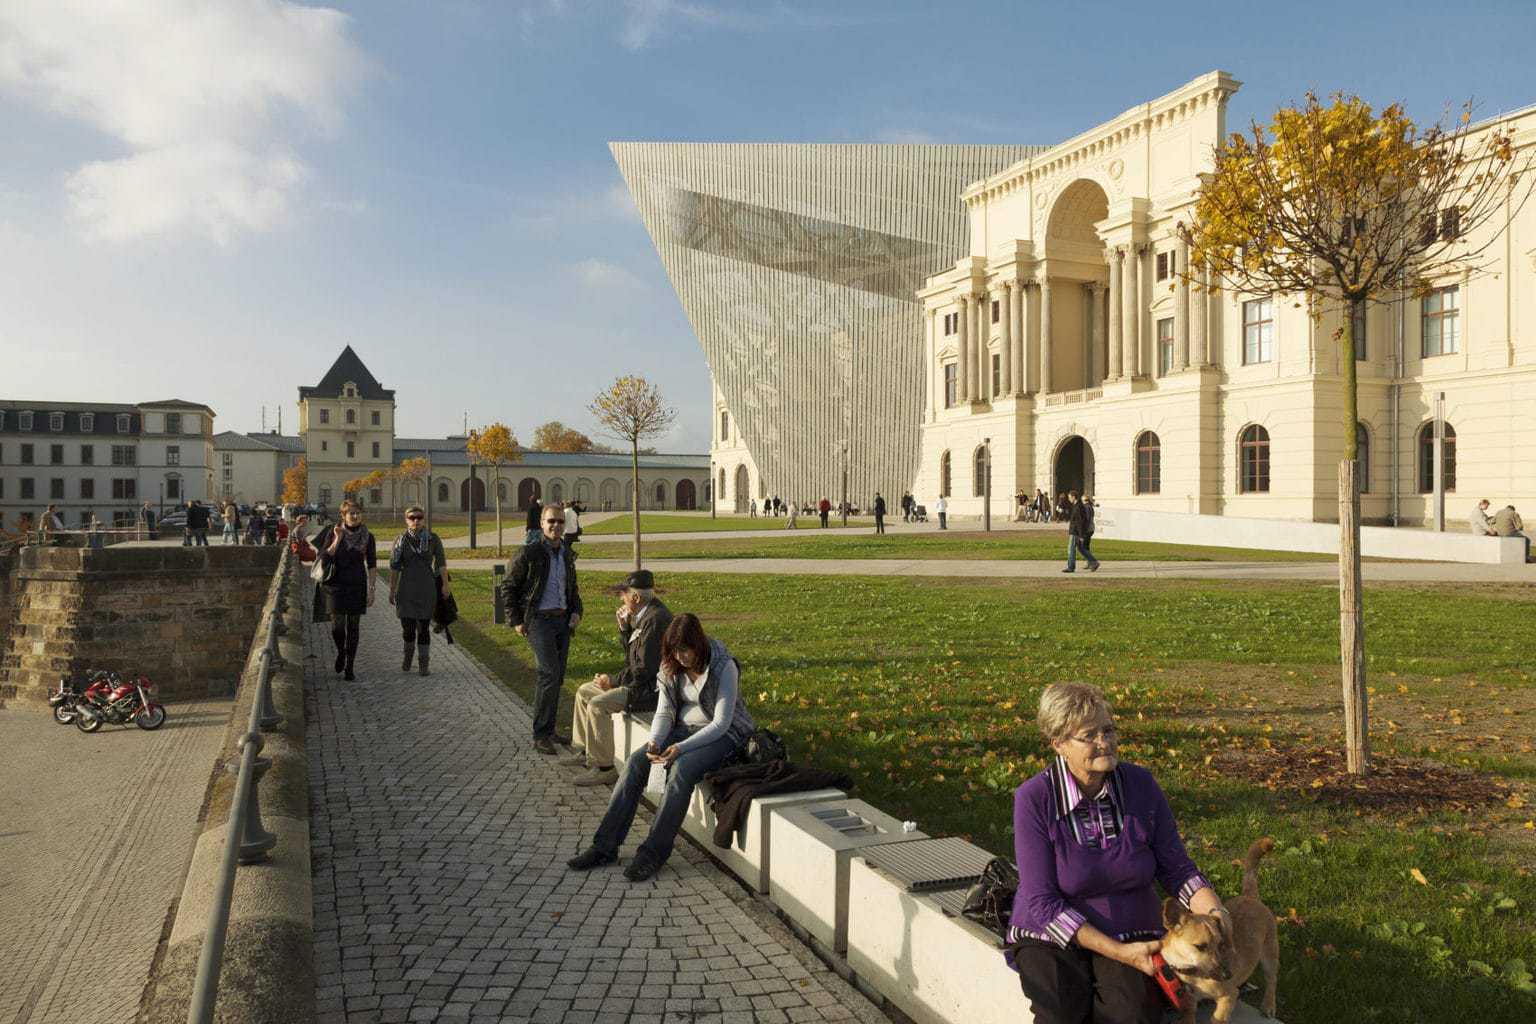 Het militairhistorisch museum van de Duitse Bundeswehr in Dresden is ontworpen door Daniel Libeskind